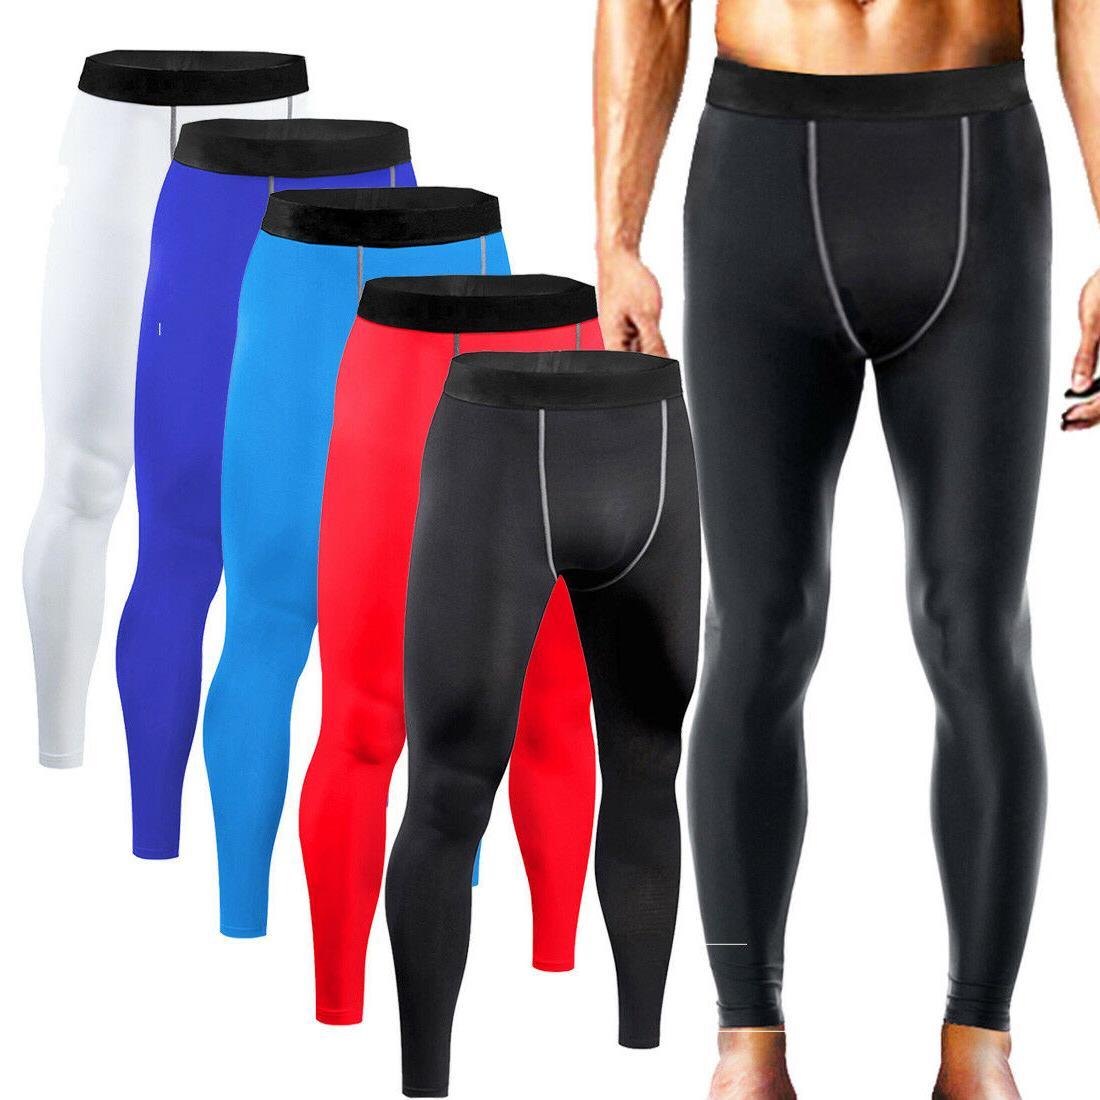 Mens Base Shirt Pants Gym Clothes Running Tights